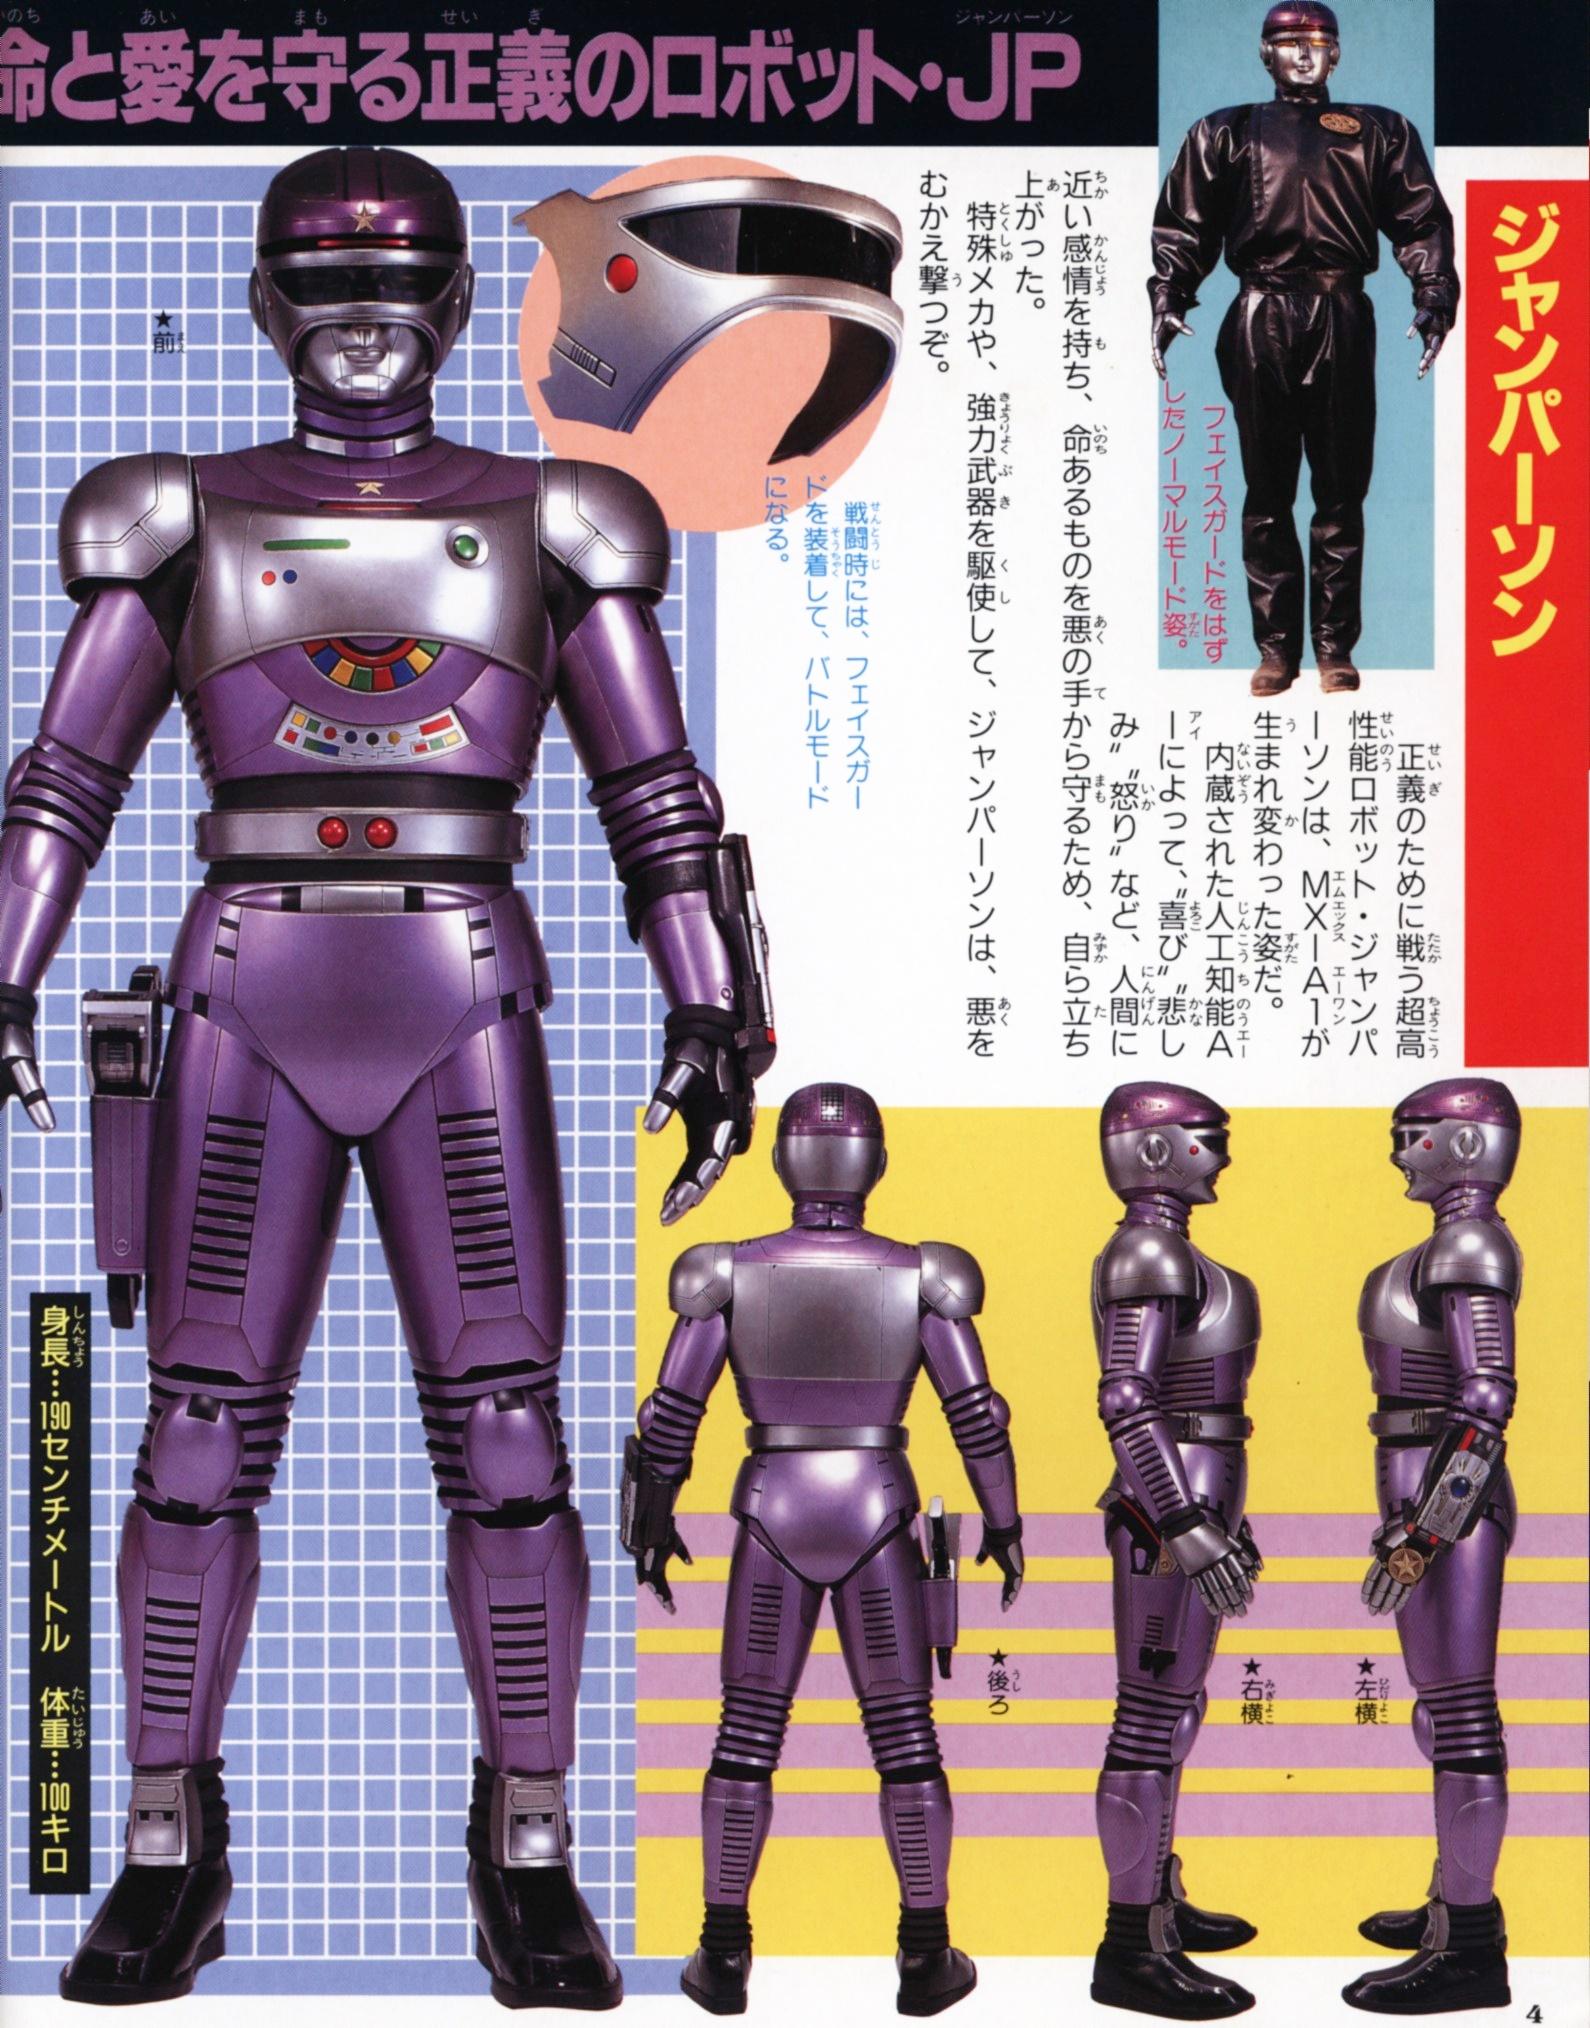 หุ่นยนต์มือปราบผู้พิทักษ์แจนเปอร์สัน